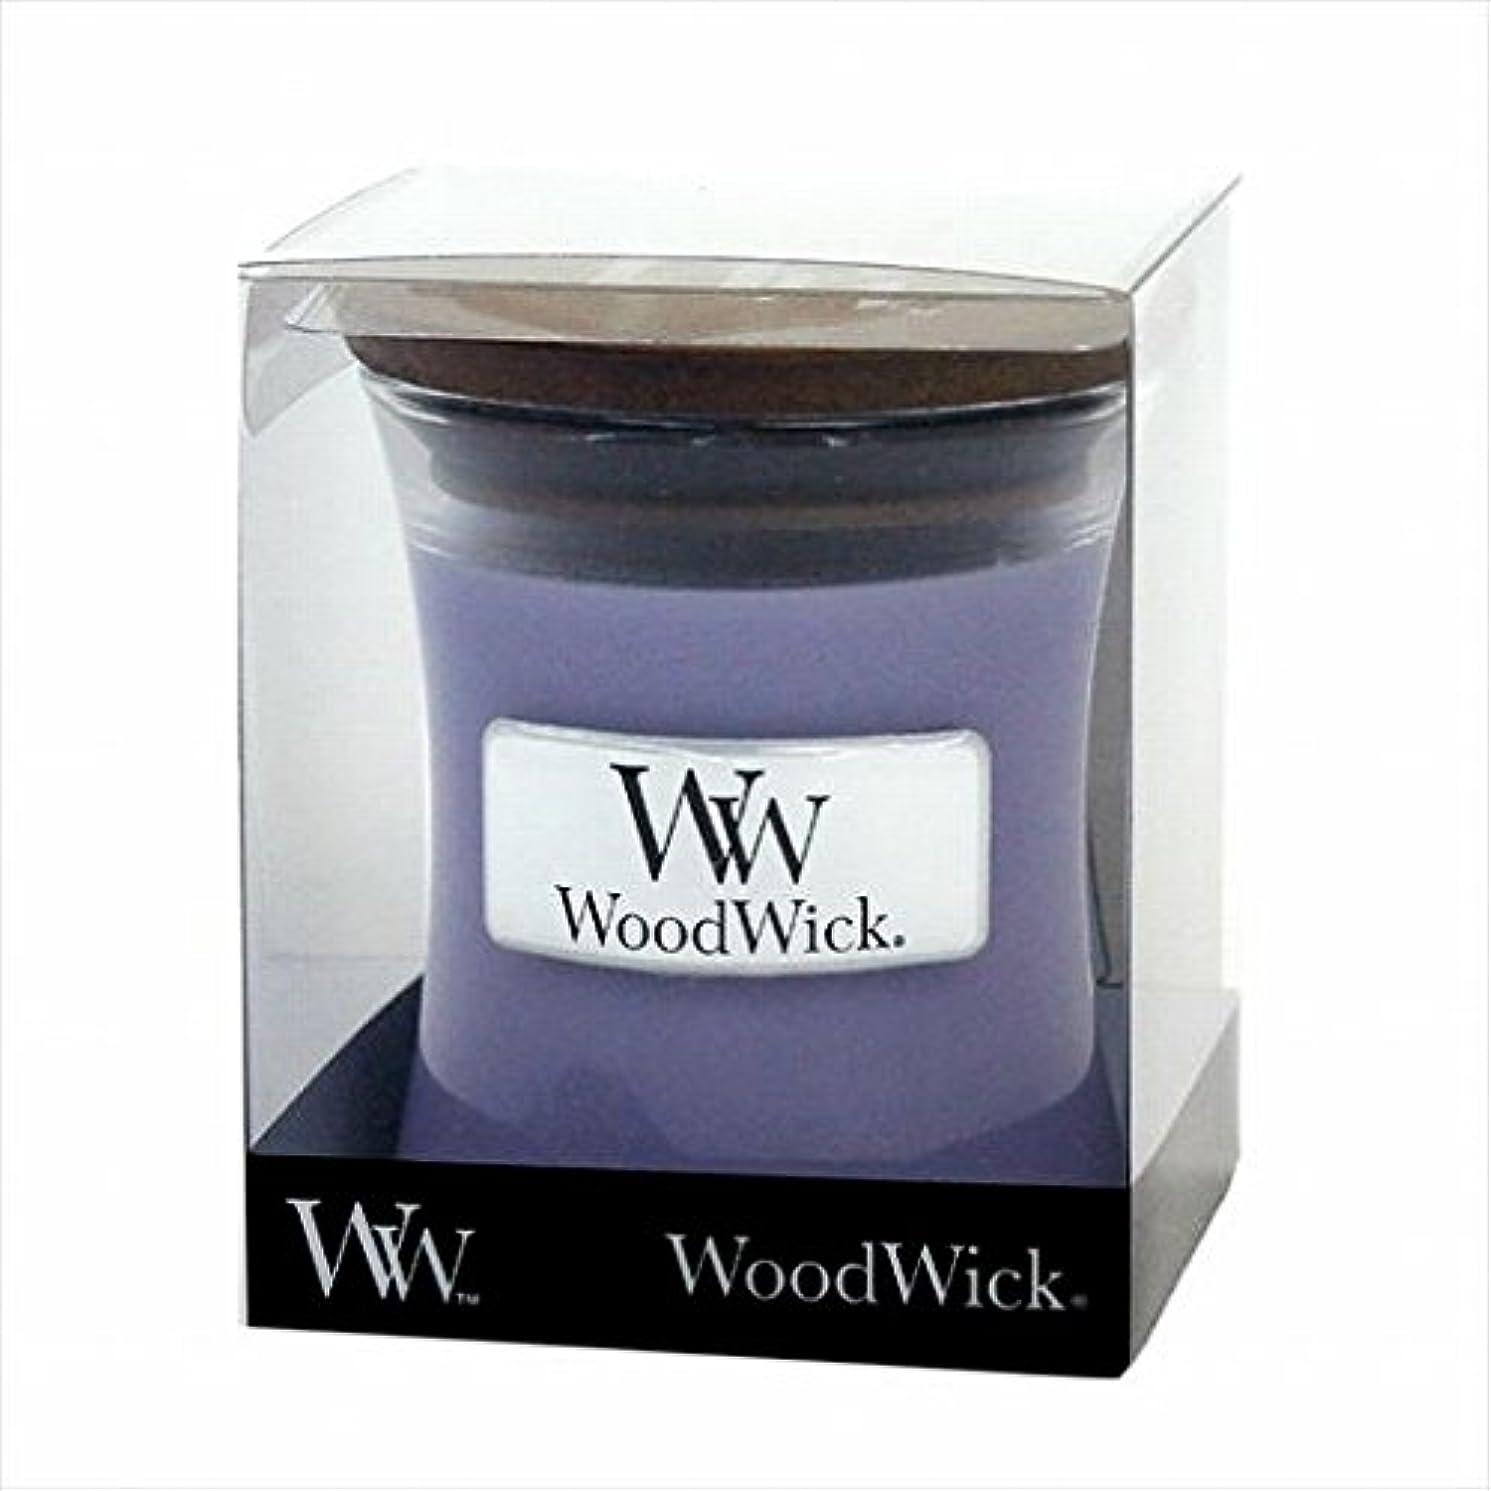 細部文字国勢調査カメヤマキャンドル( kameyama candle ) Wood Wick ジャーS 「 ラベンダースパ 」